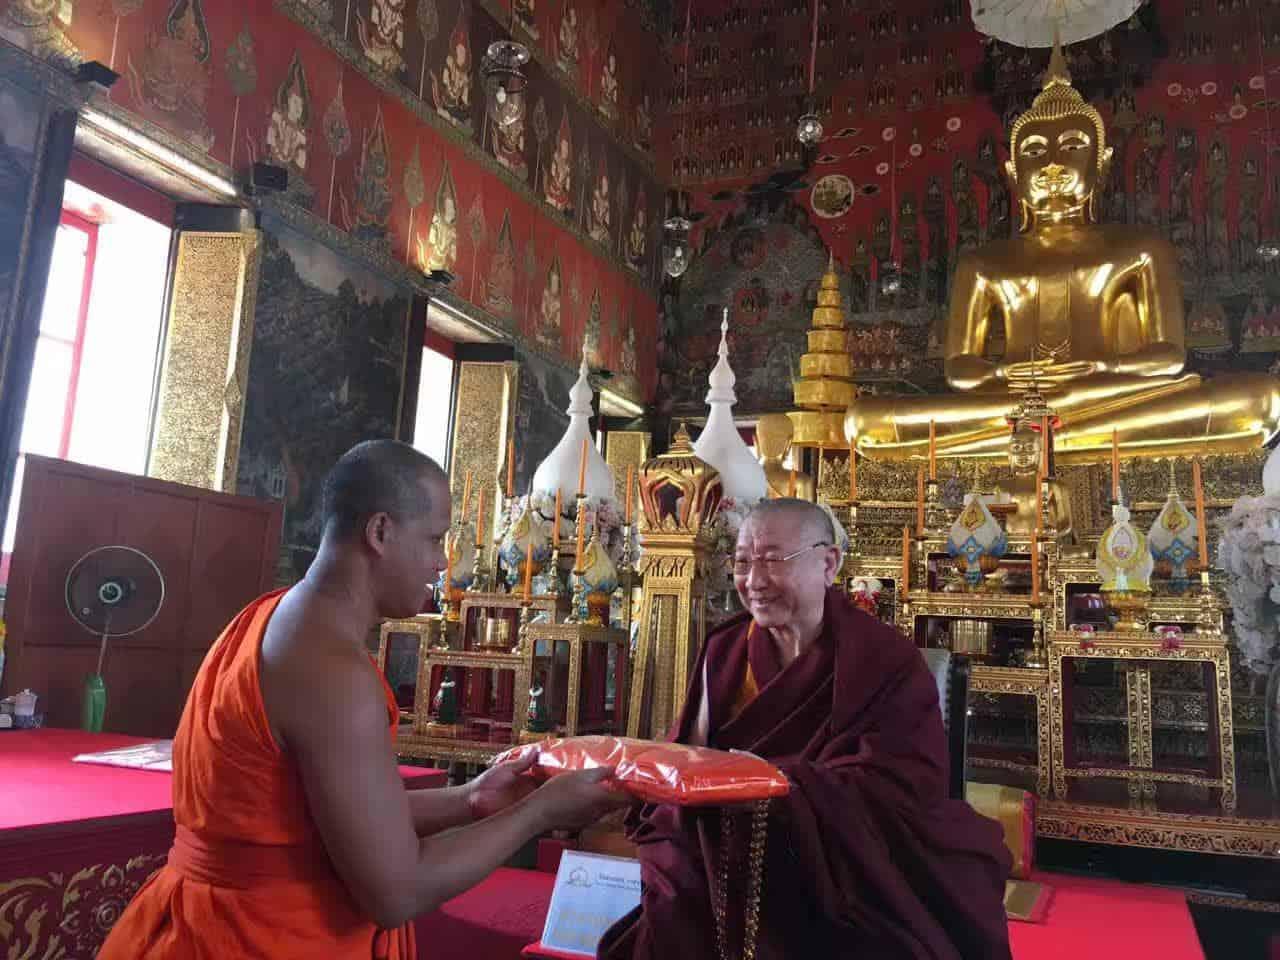 Gosok Rinpoche Thailand 2017 T016 73a648909e88f048d8f13228103b84e